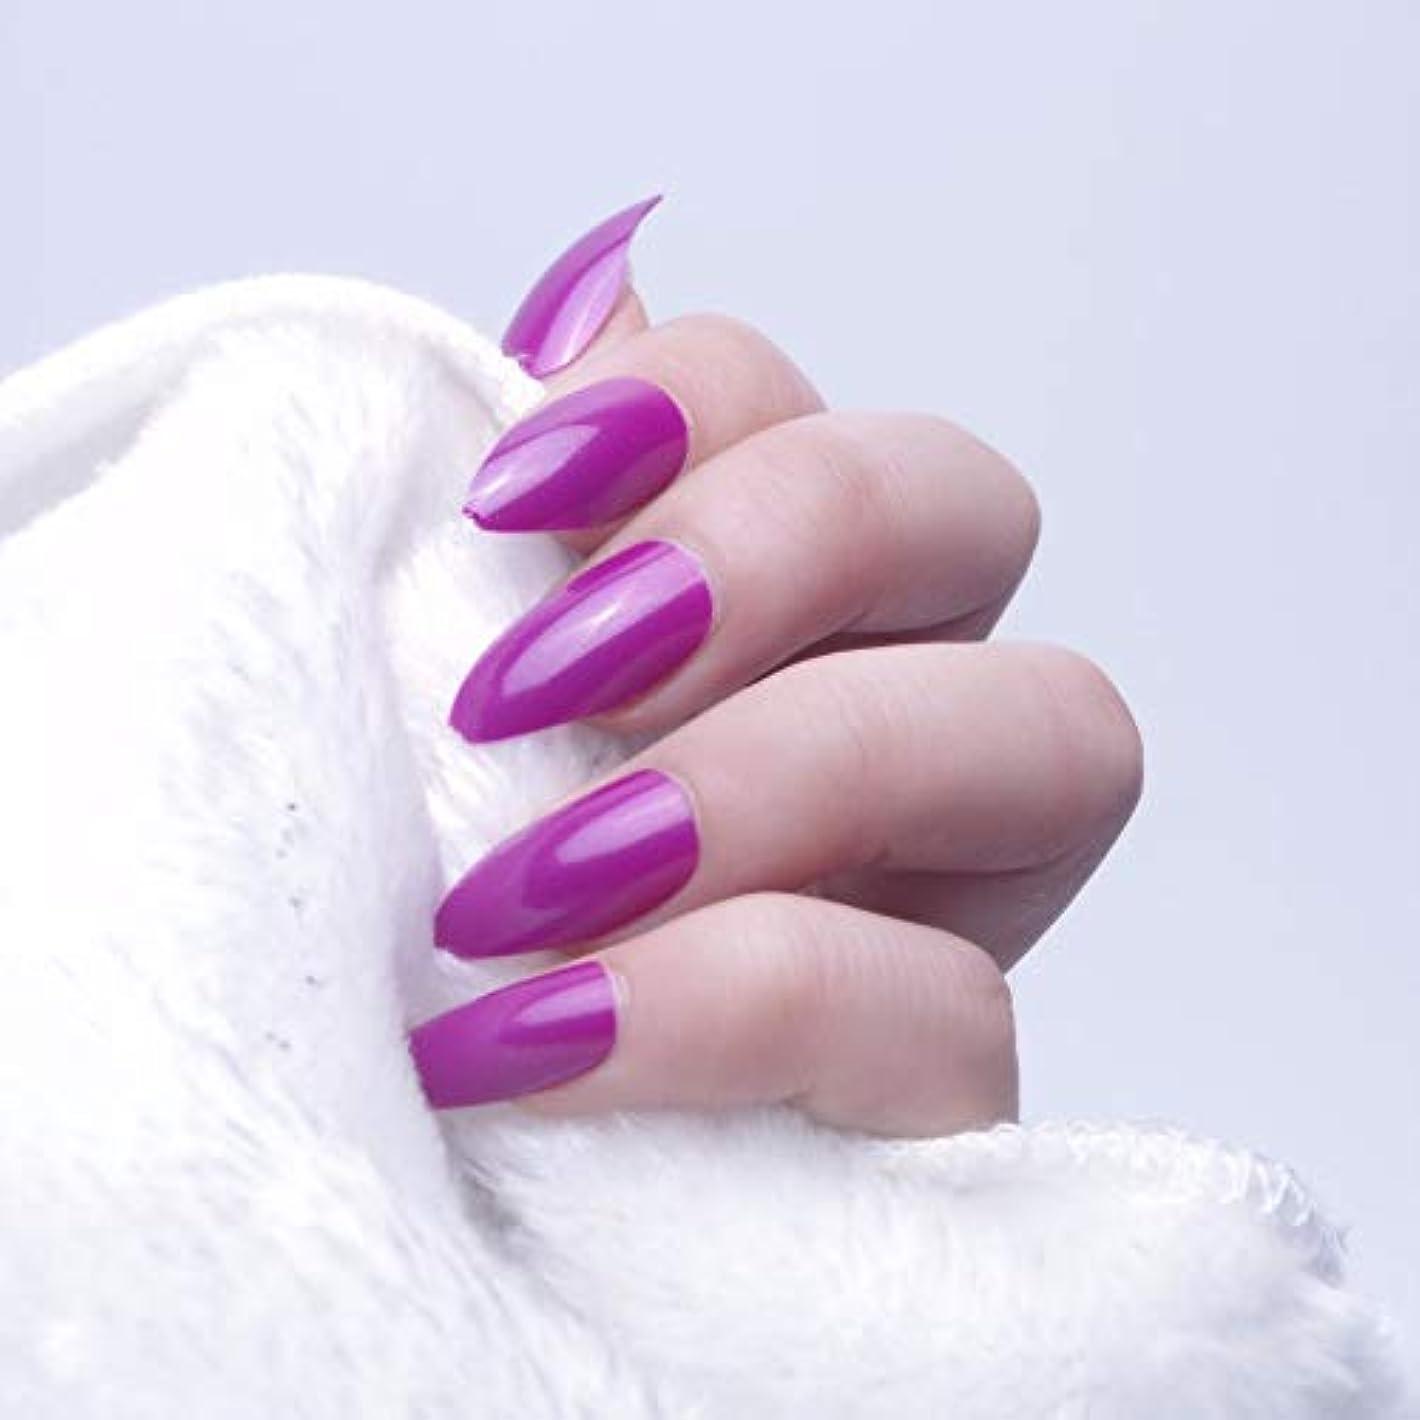 パーセントイベントカテゴリーXUTXZKA 24ピースオーバルスティレット偽の爪のヒントフルカバー偽爪ステッカープレスネイル